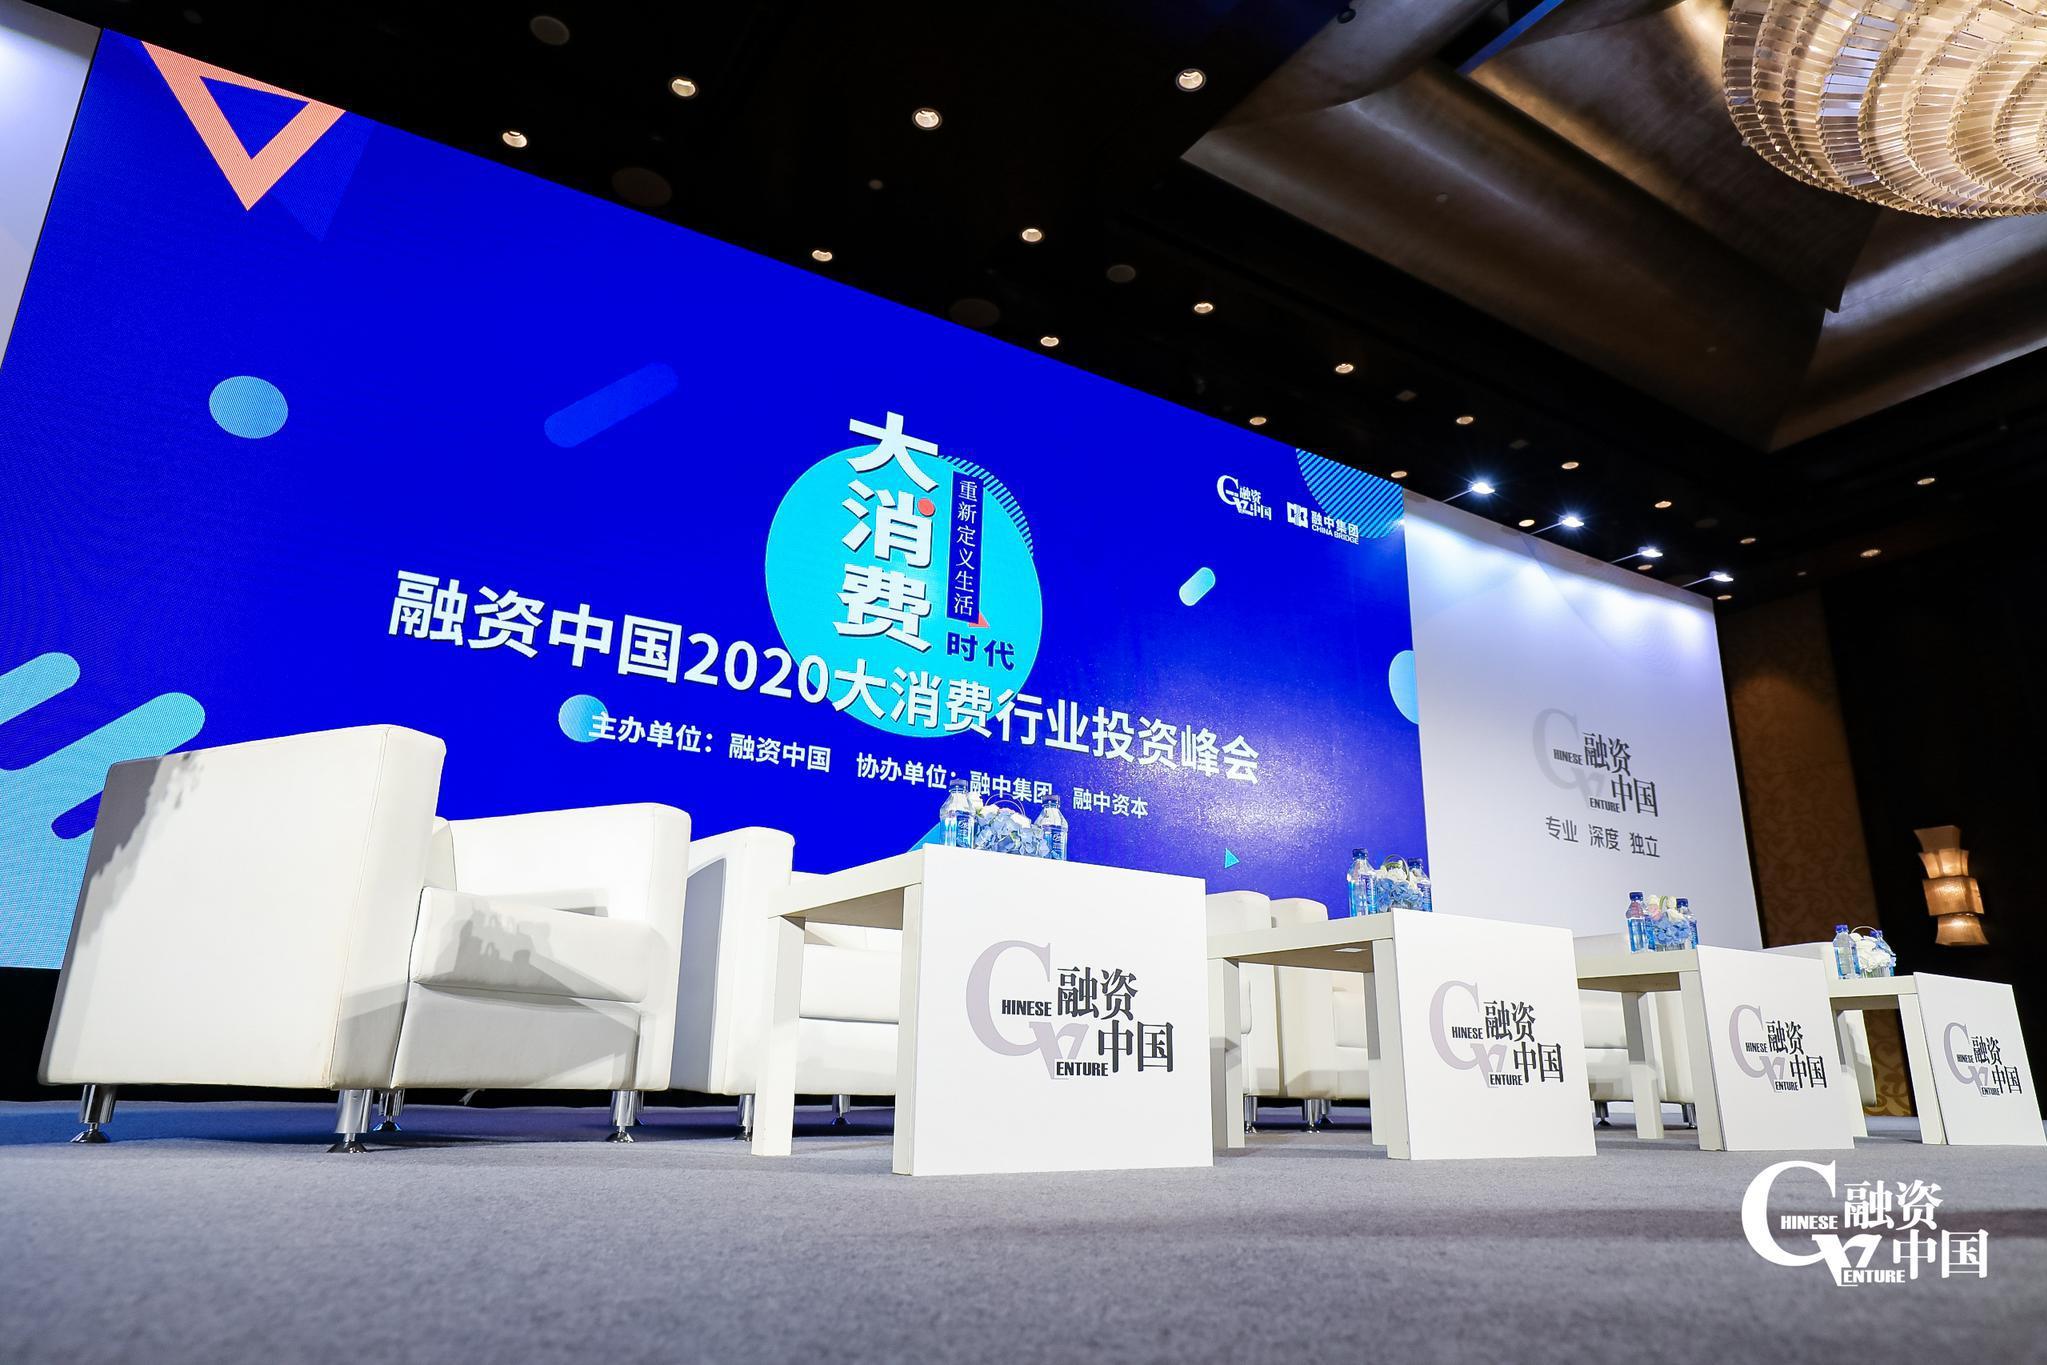 融资中国2020大消费行业投资峰会嘉宾金句集锦